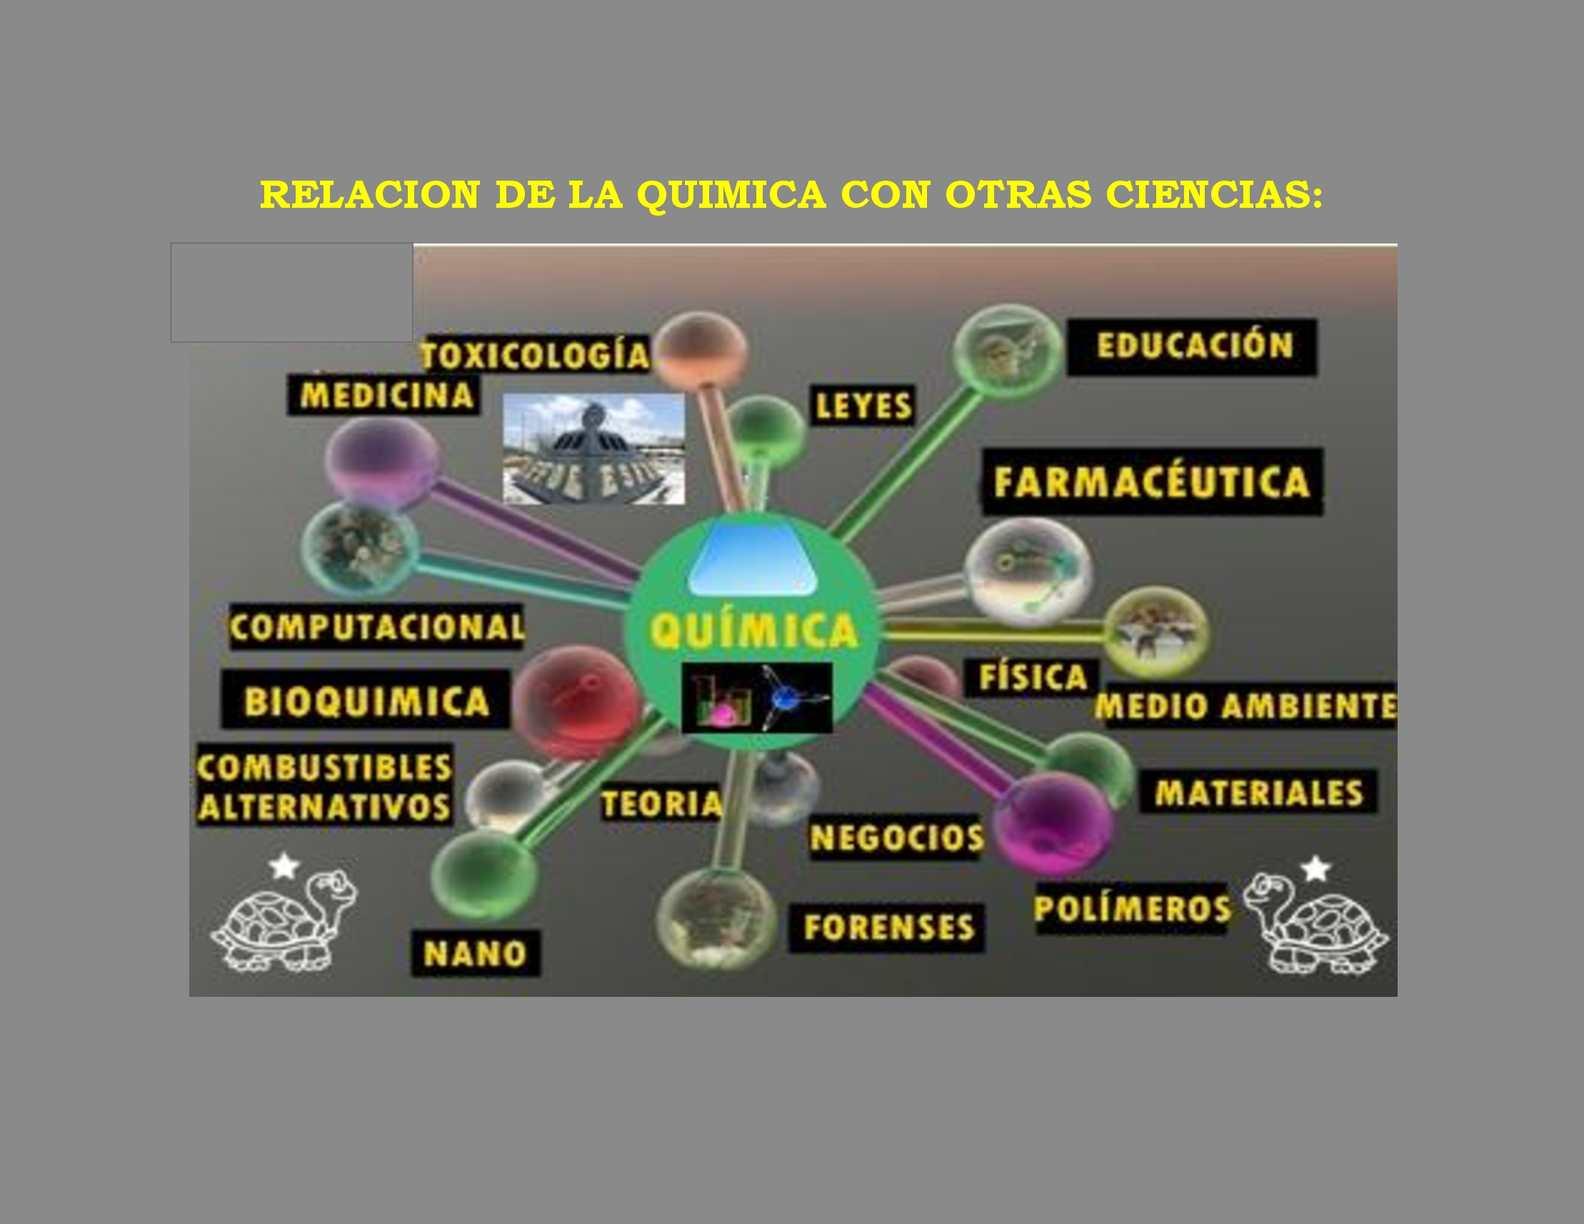 Calam o relacion de la quimica con otras ciencias 1 for La quimica de la cocina